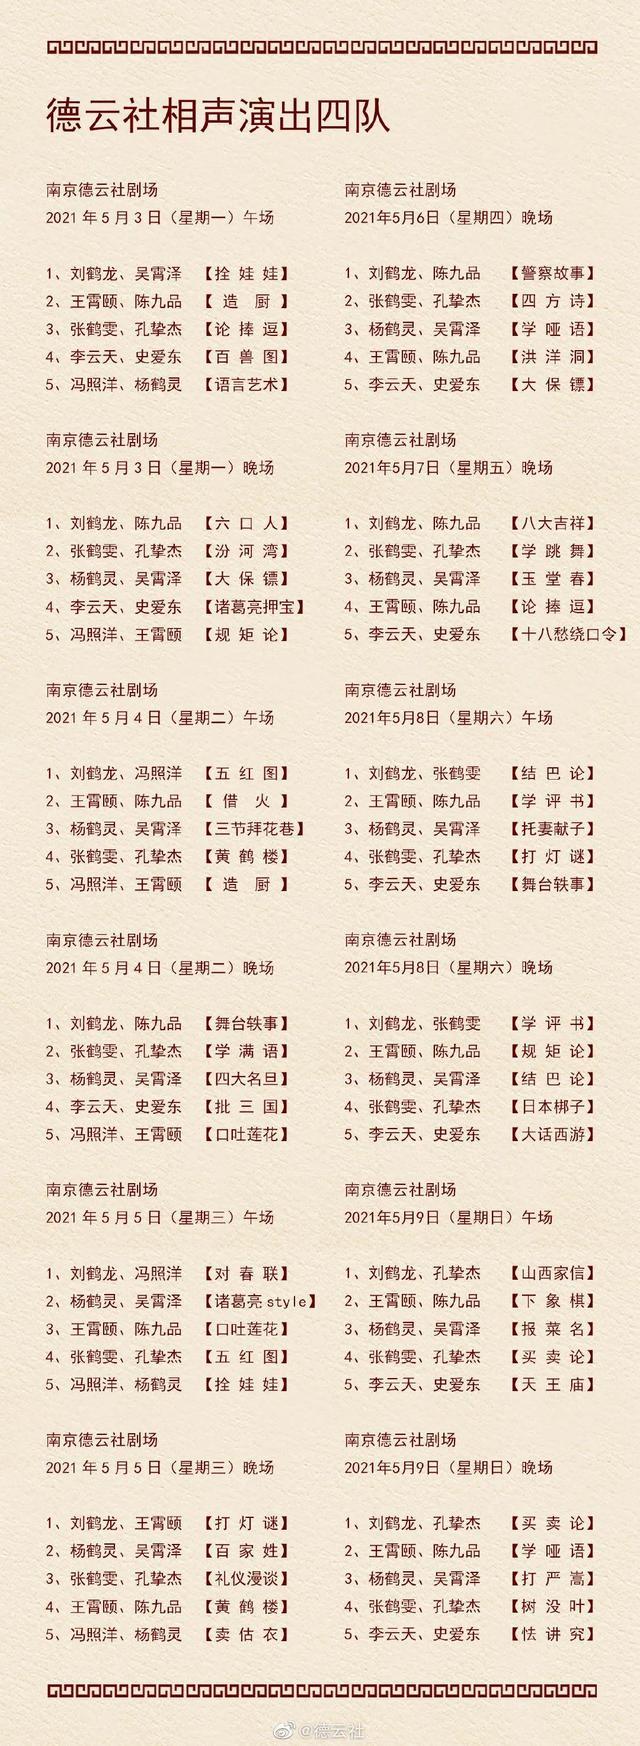 德云社演出节目单(2021年5月1日-5月9日)  全球新闻风头榜 第4张